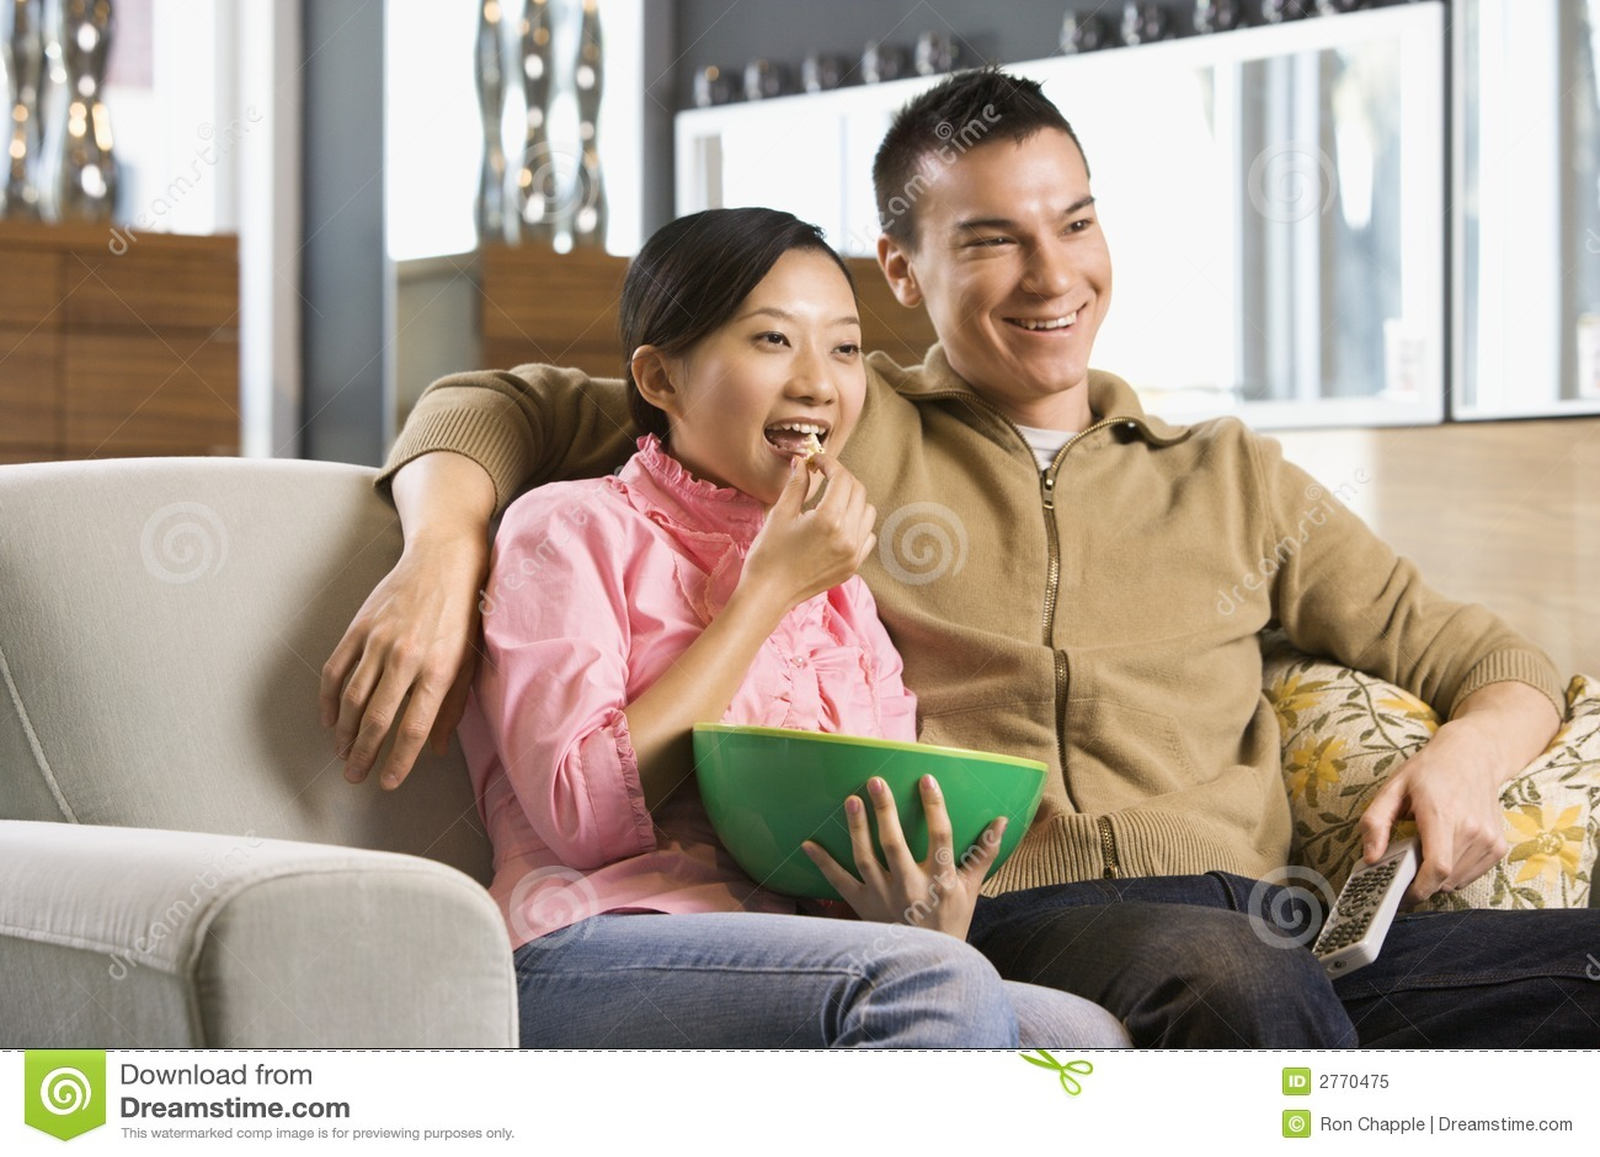 Oglądając telewizję parę